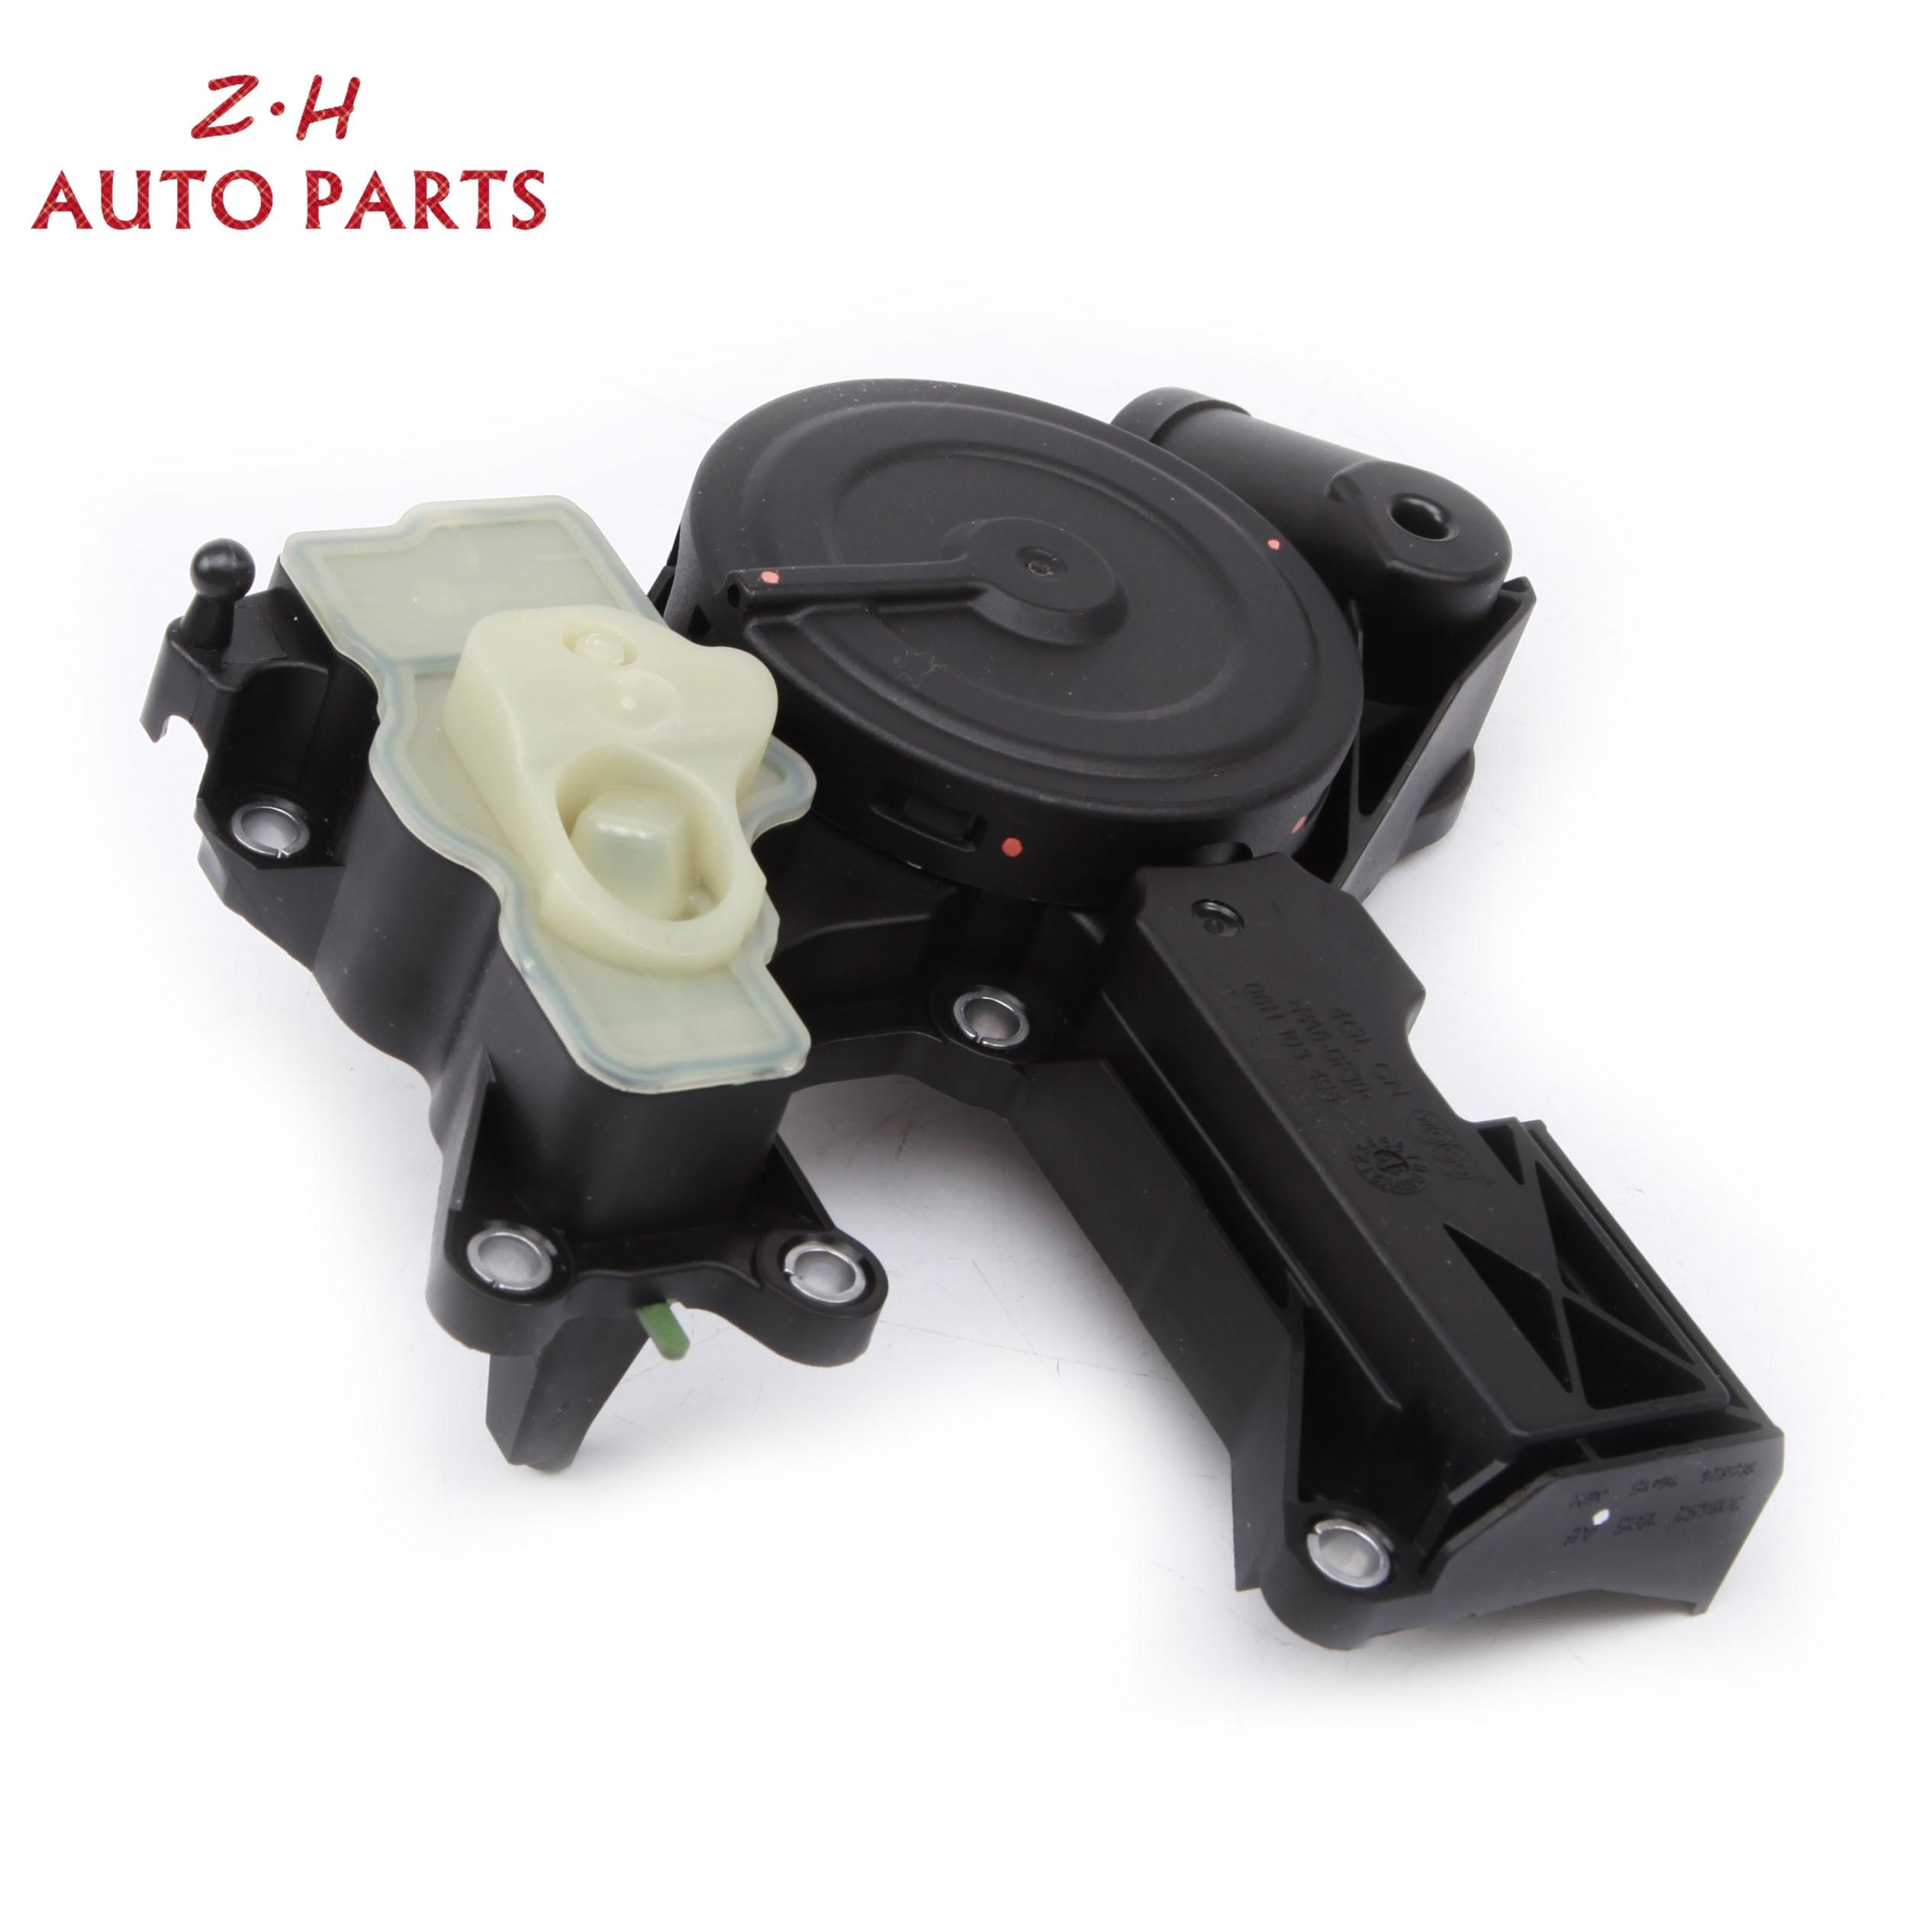 Nouveau 06H100031SX huile séparateur d'eau PCV Valve pour Audi A4 A5 A6 A8 Q3 Q5 huile séparateur d'eau Kit de réparation 06H103495AE 06H103495J